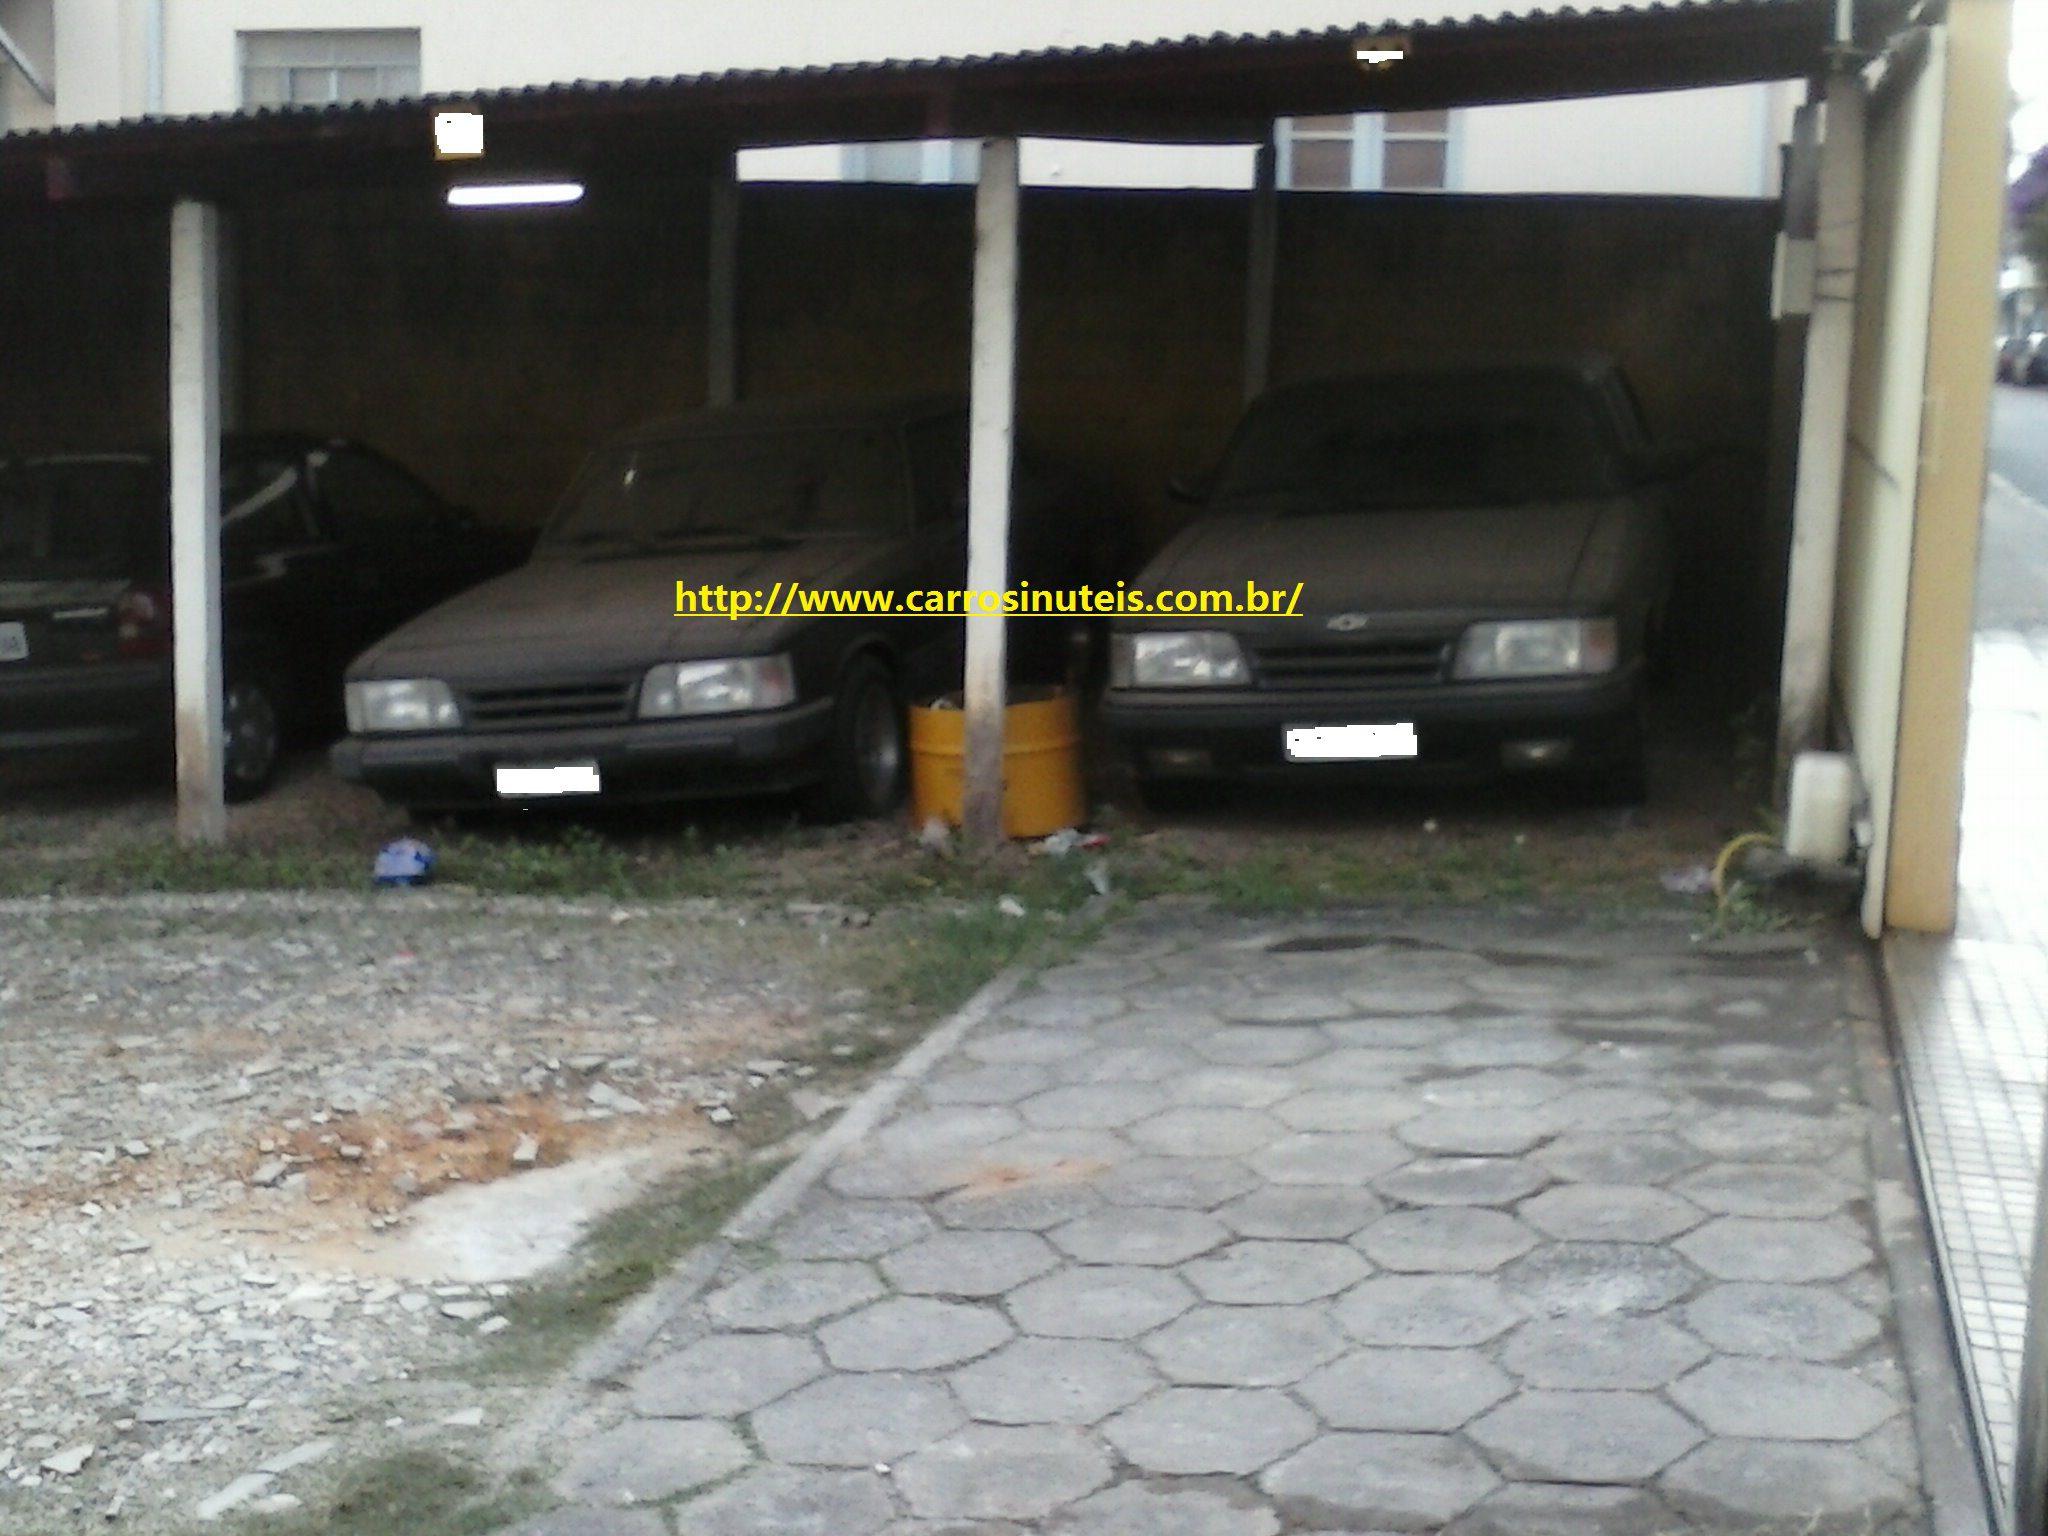 Minerim-Das-Gerais-GM-Opala-Matias-Barbosa-MG Dupla de GM Opala, Minerim das Gerais - Matias Barbosa-MG